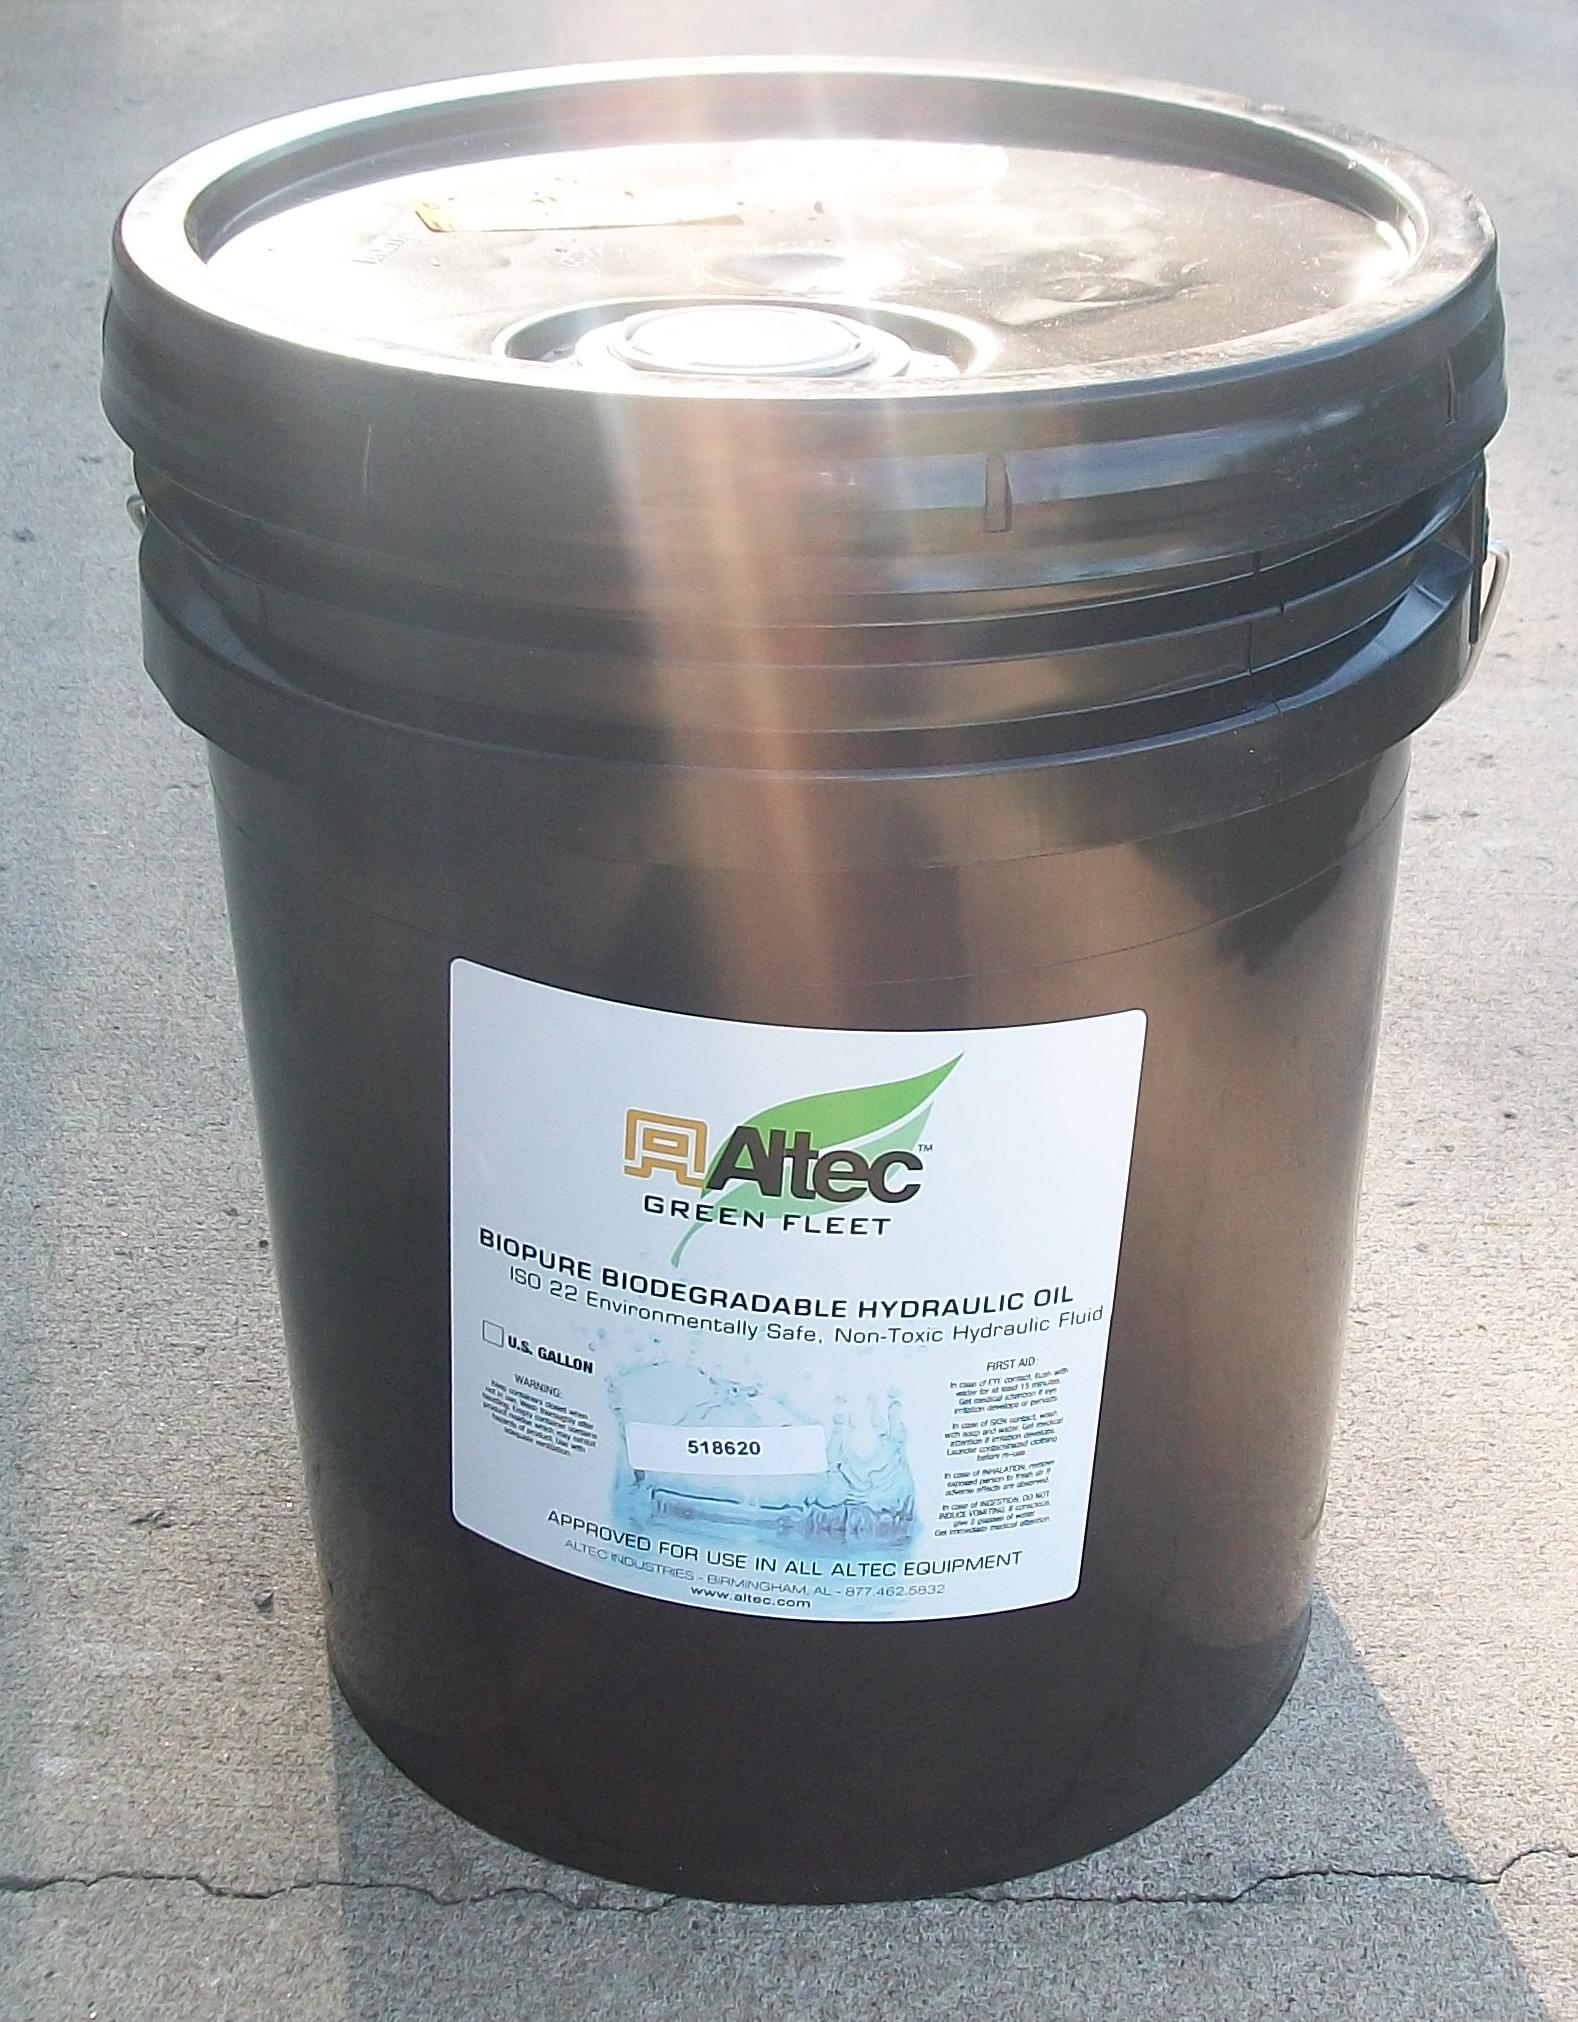 Altec 9702-30889 Biopure ISO 22 Non-Conductive Hydraulic Oil